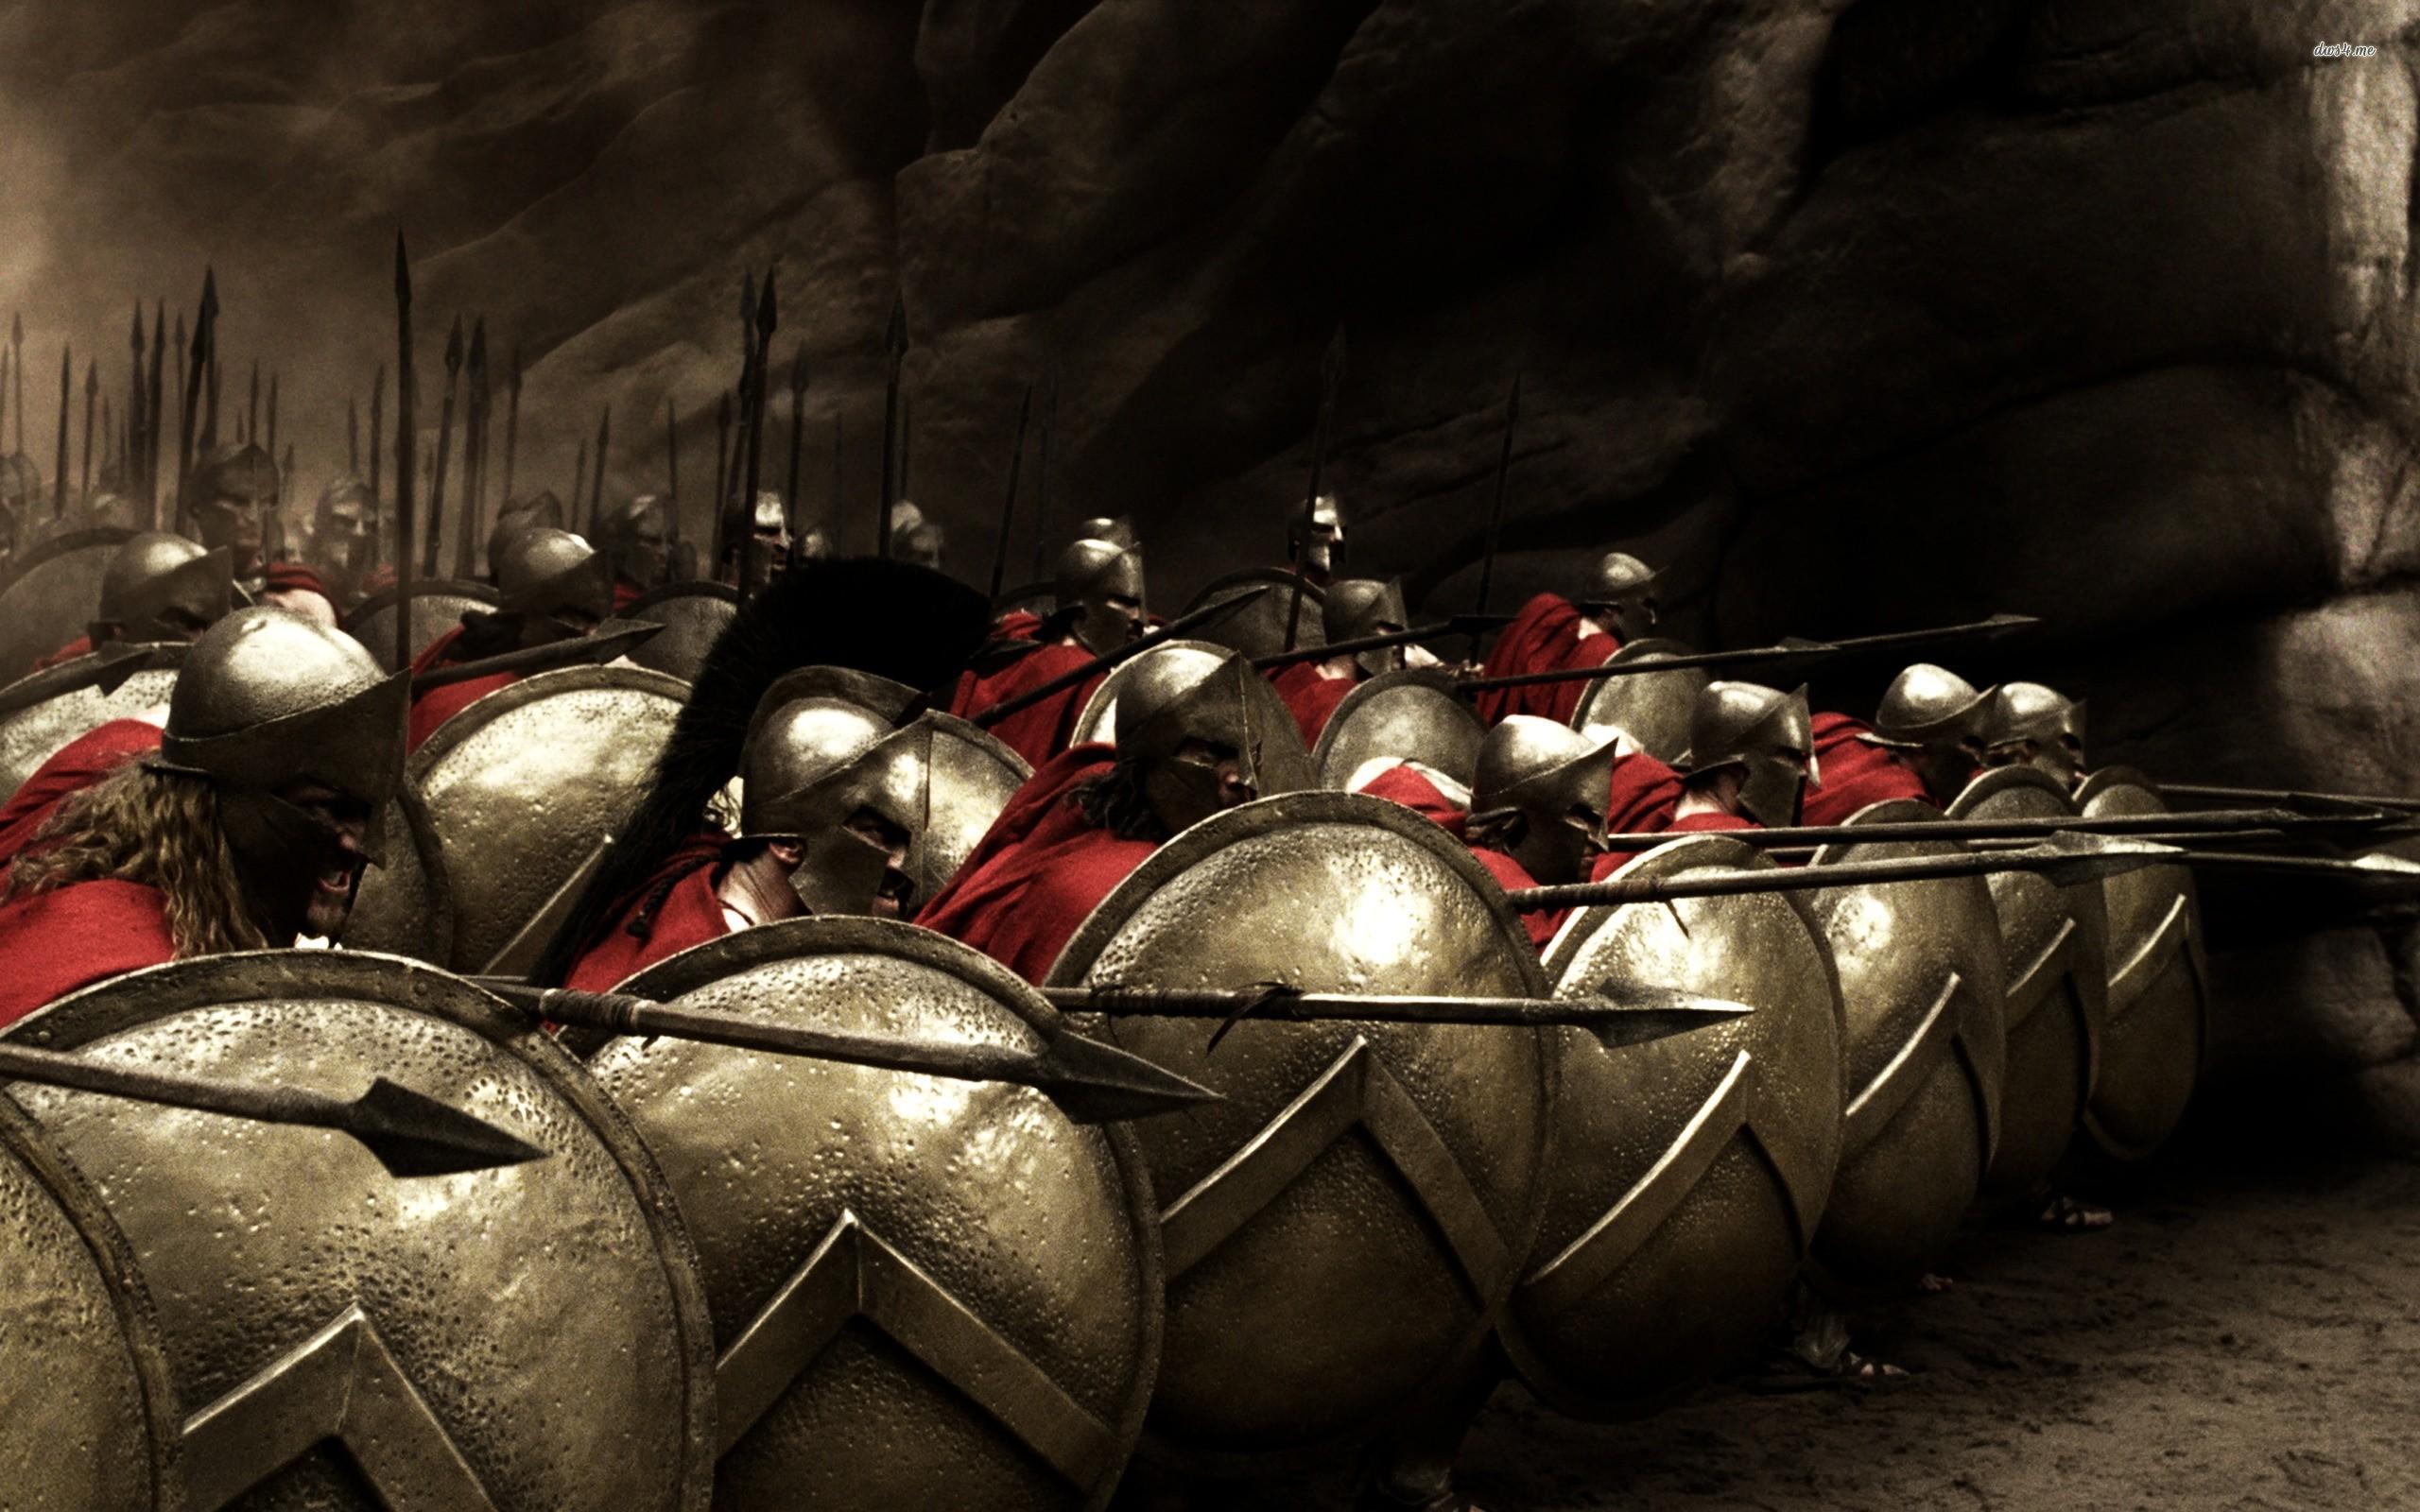 Shields!, HD wallpaper of movie 300